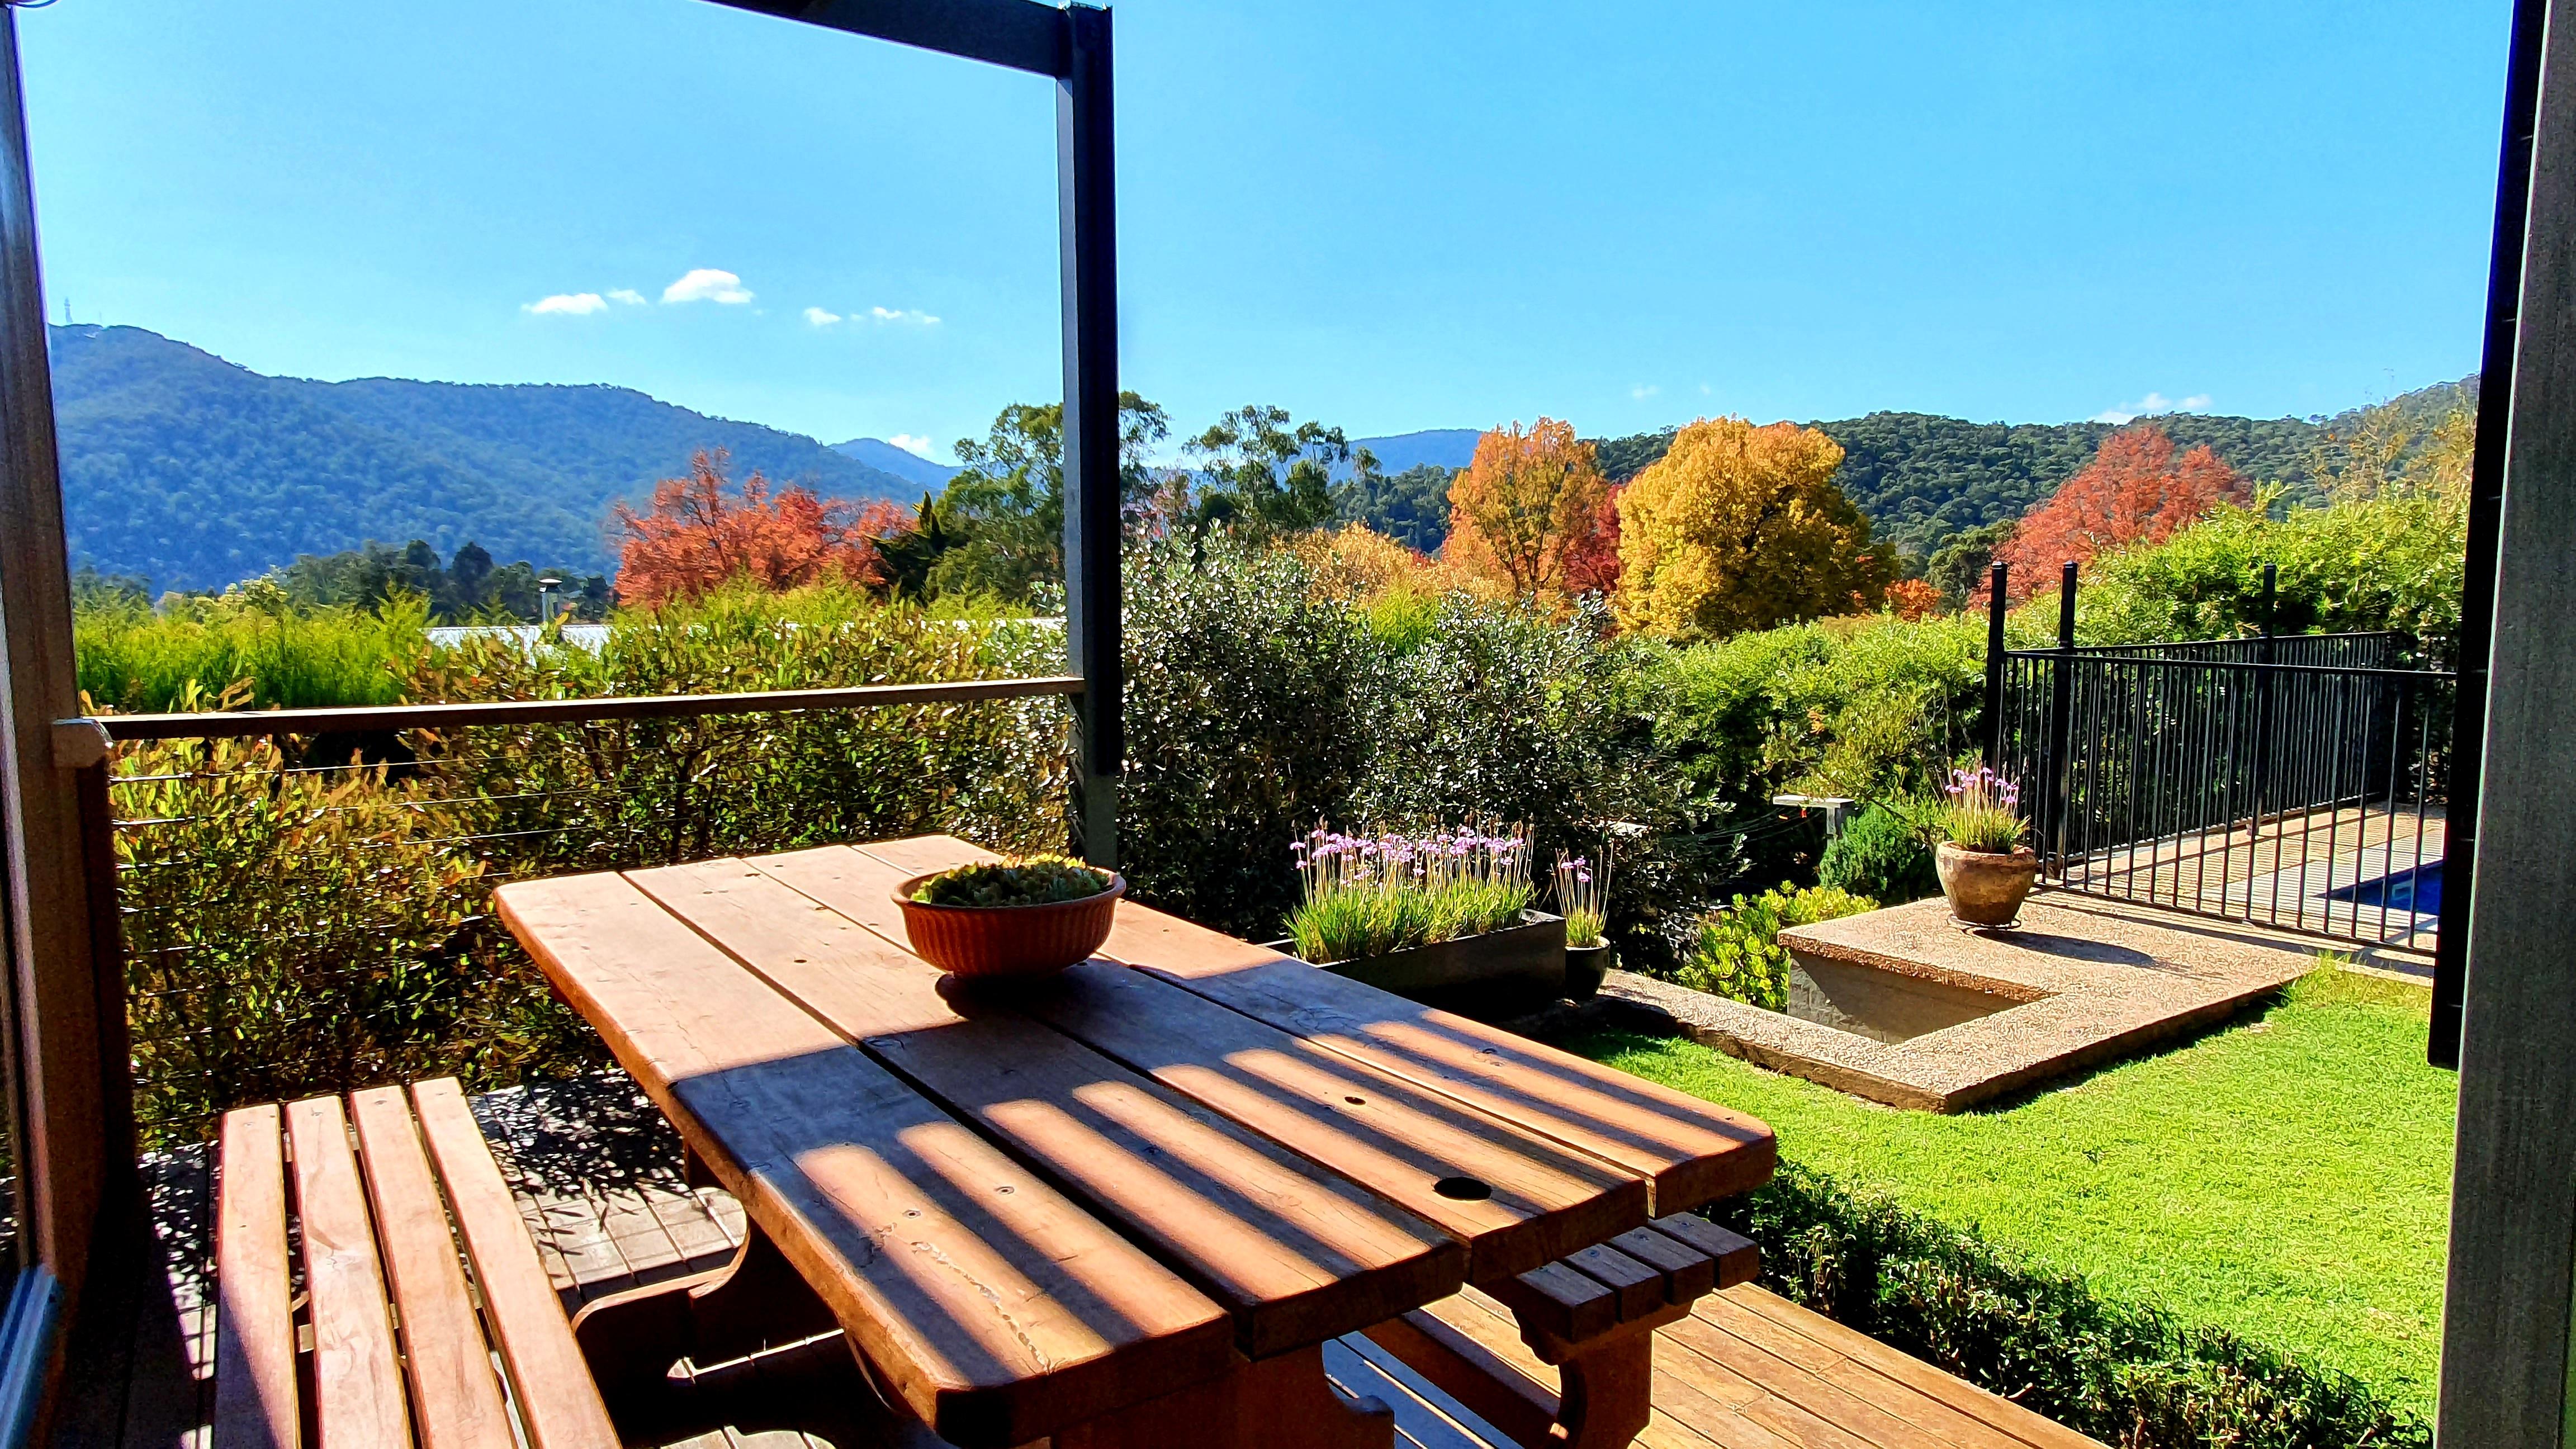 2021 autumn garden view